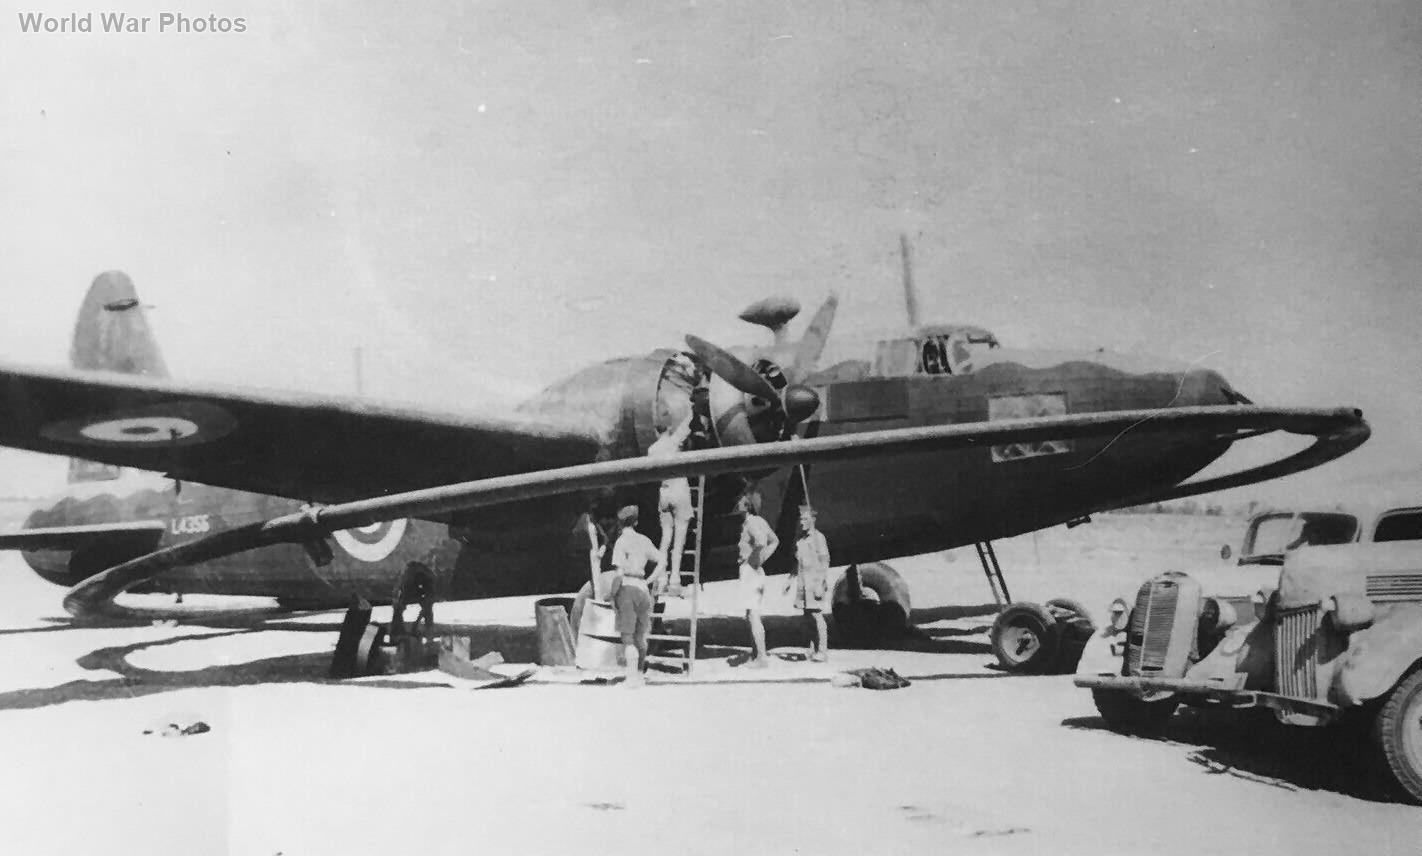 Vickers Wellington L4356 DWI